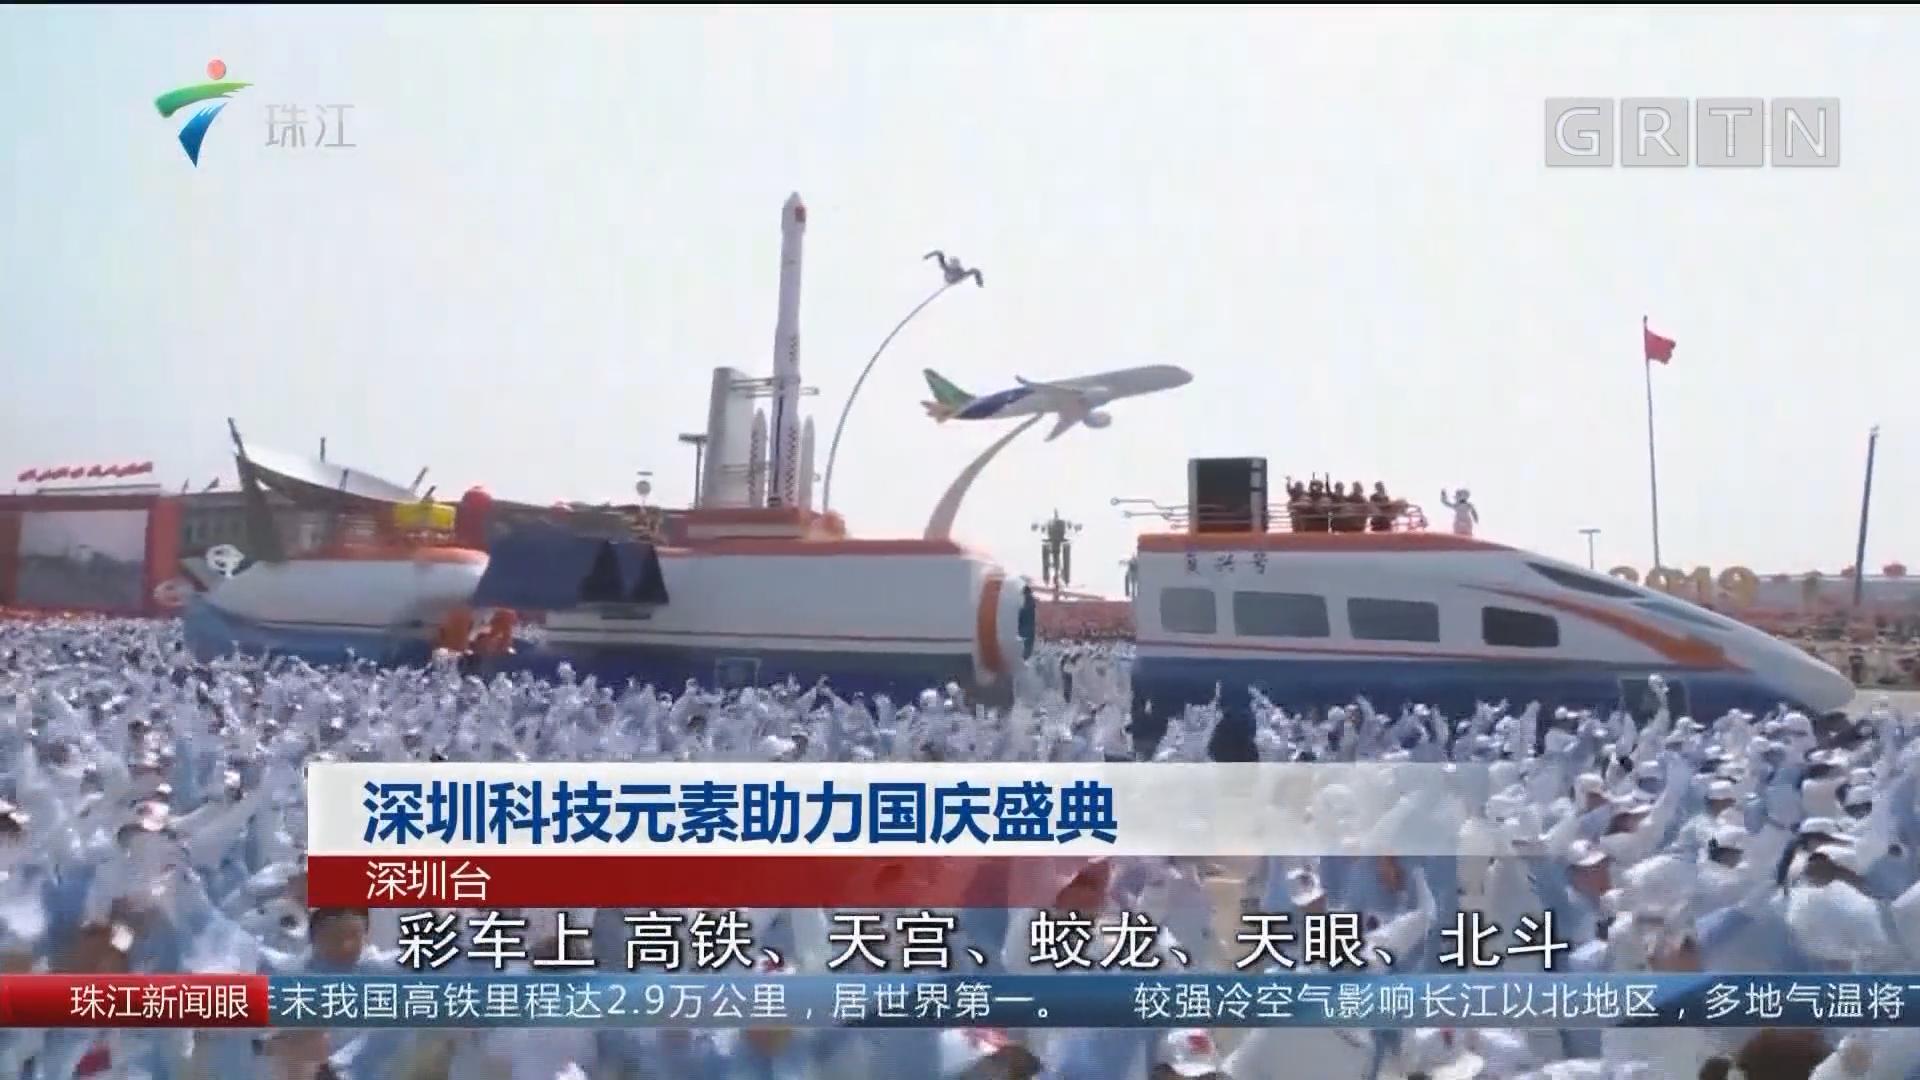 深圳科技元素助力國慶盛典